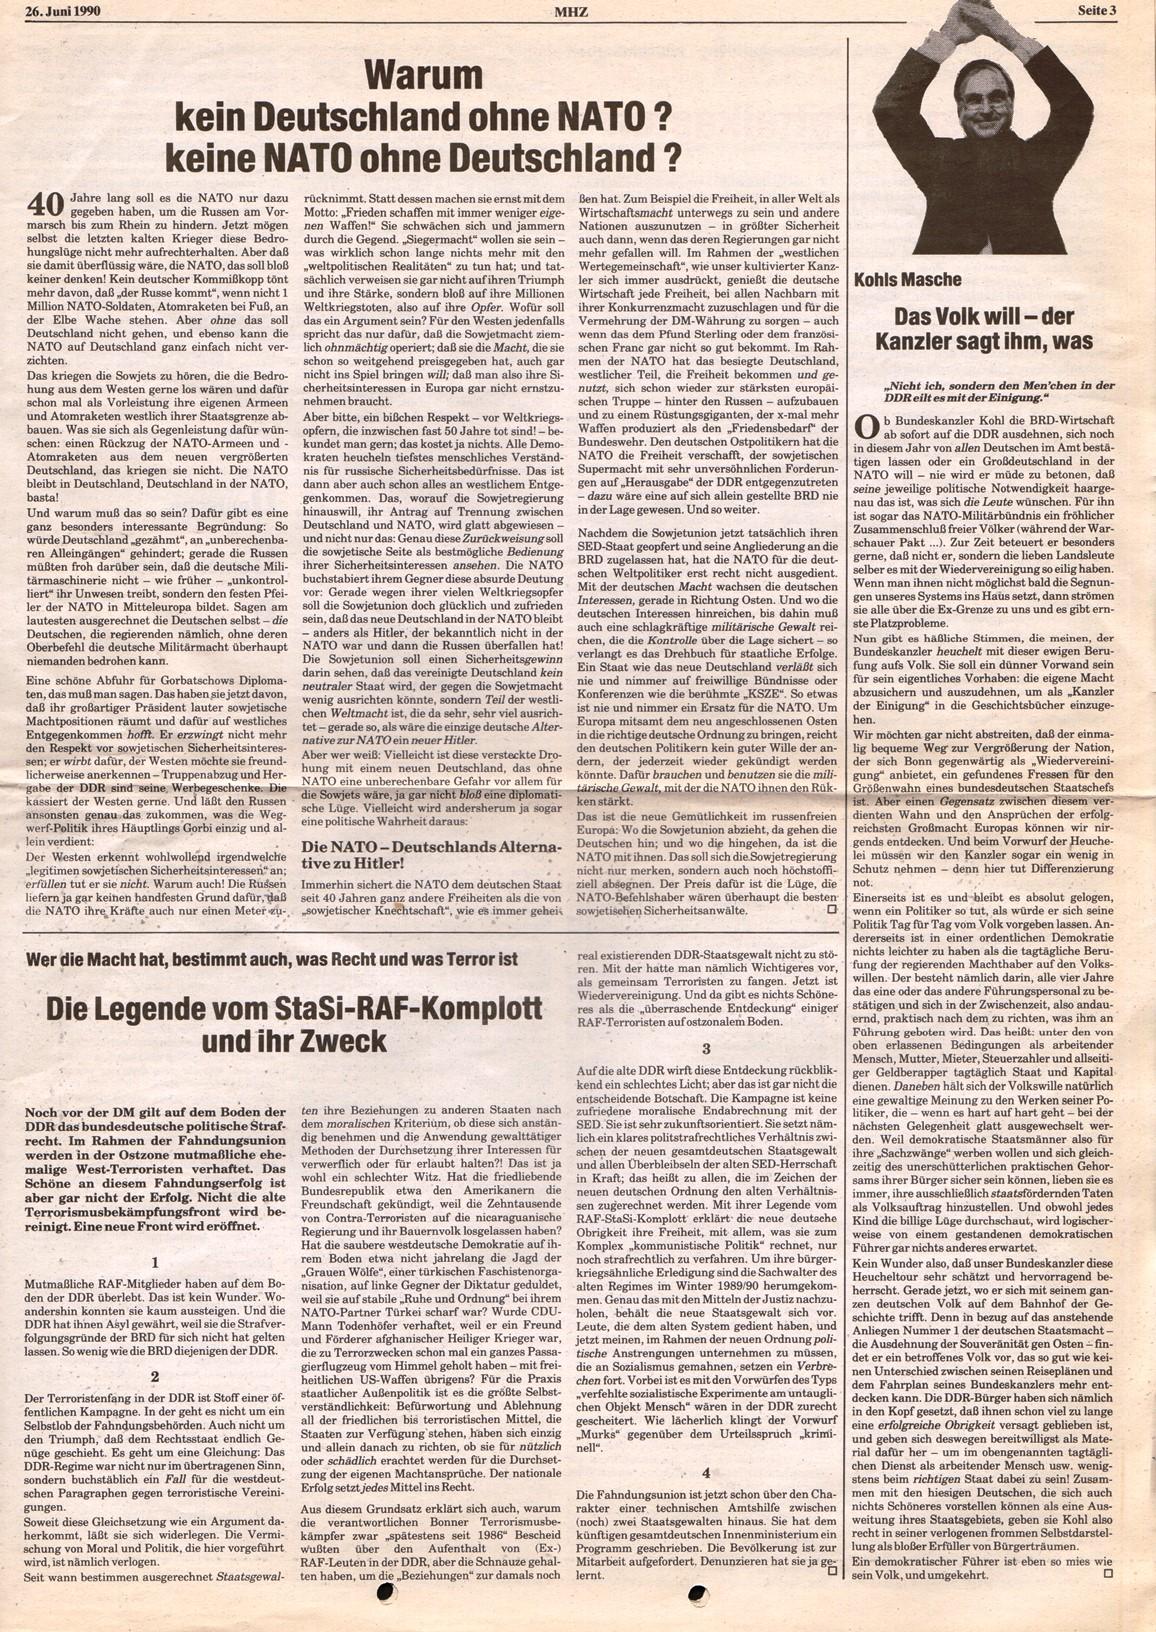 Muenchen_MG_Hochschulzeitung_19900626_03